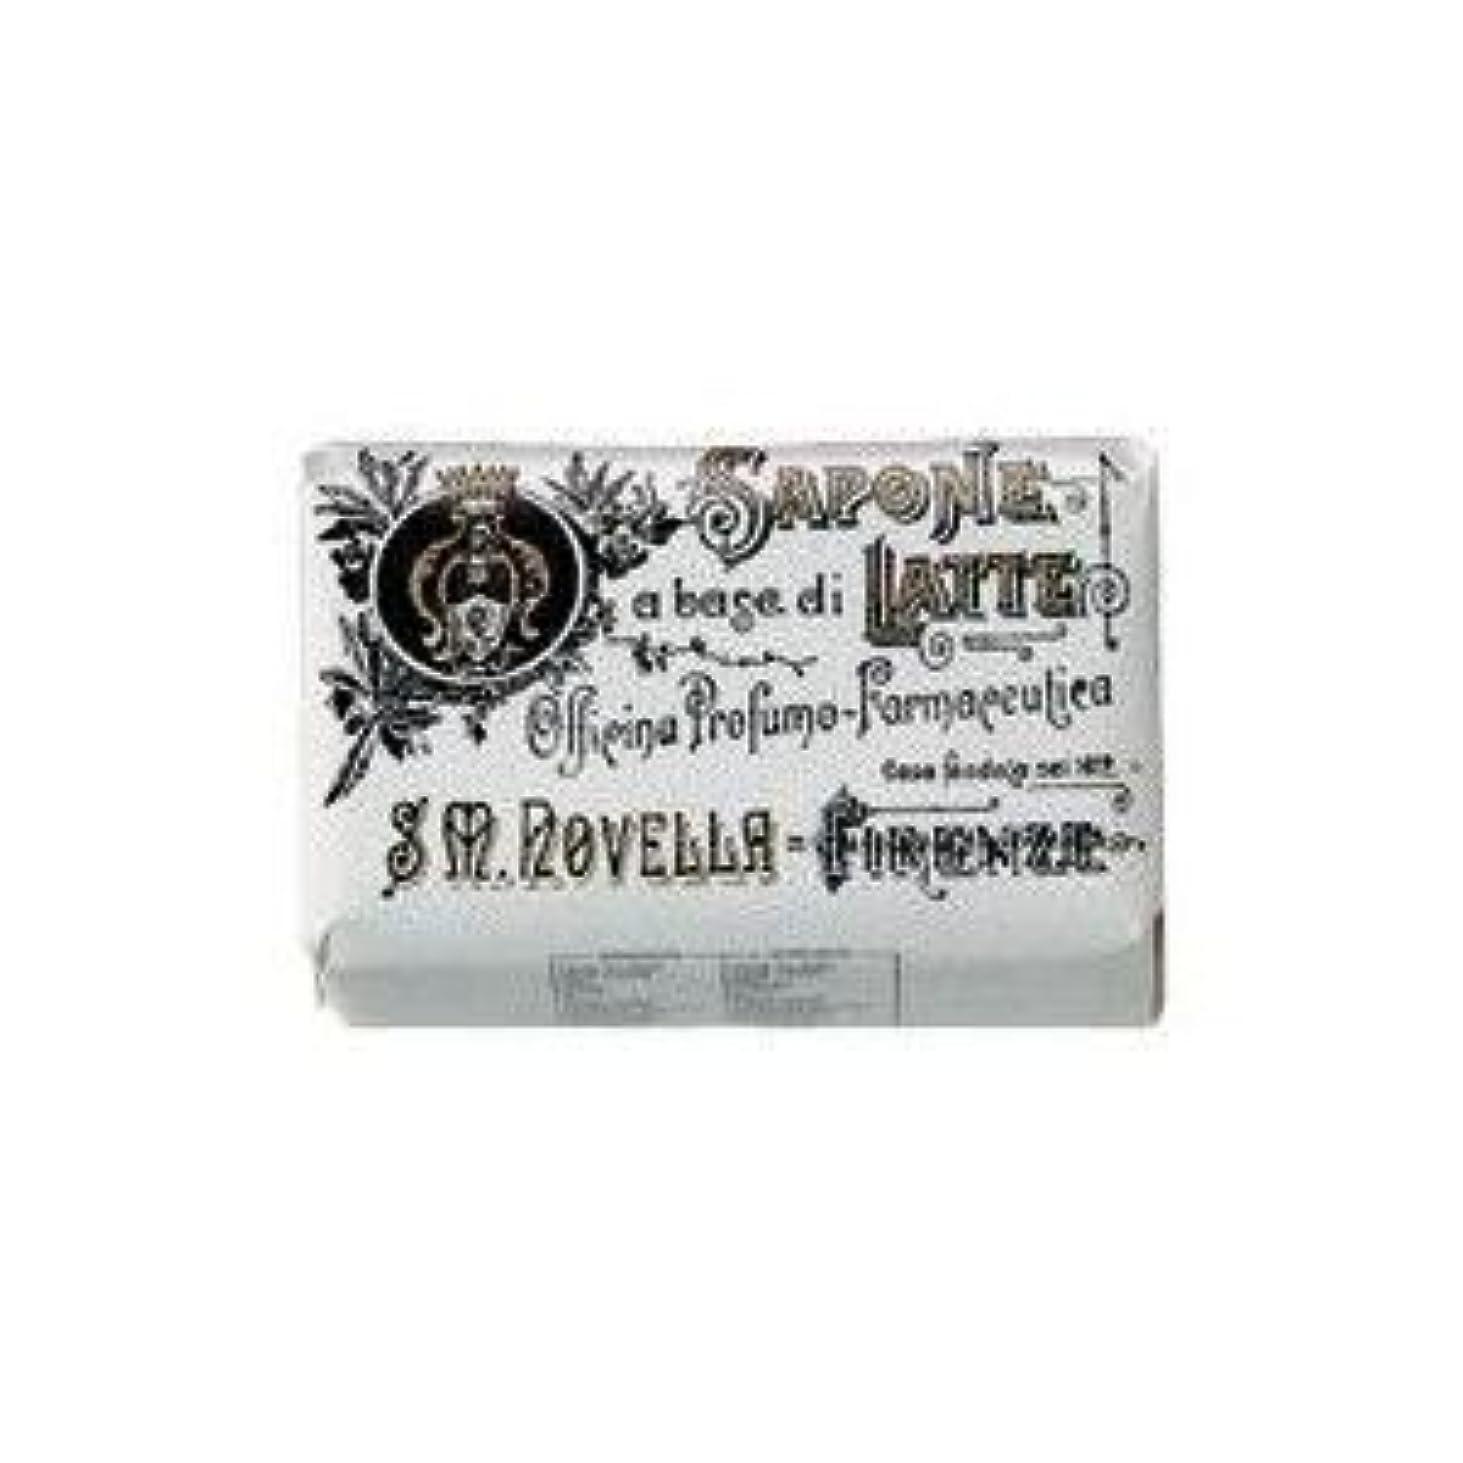 味メールを書く降臨【Santa Maria Novella(サンタマリアノヴェッラ )】ミルクソープ バーベナ 100g